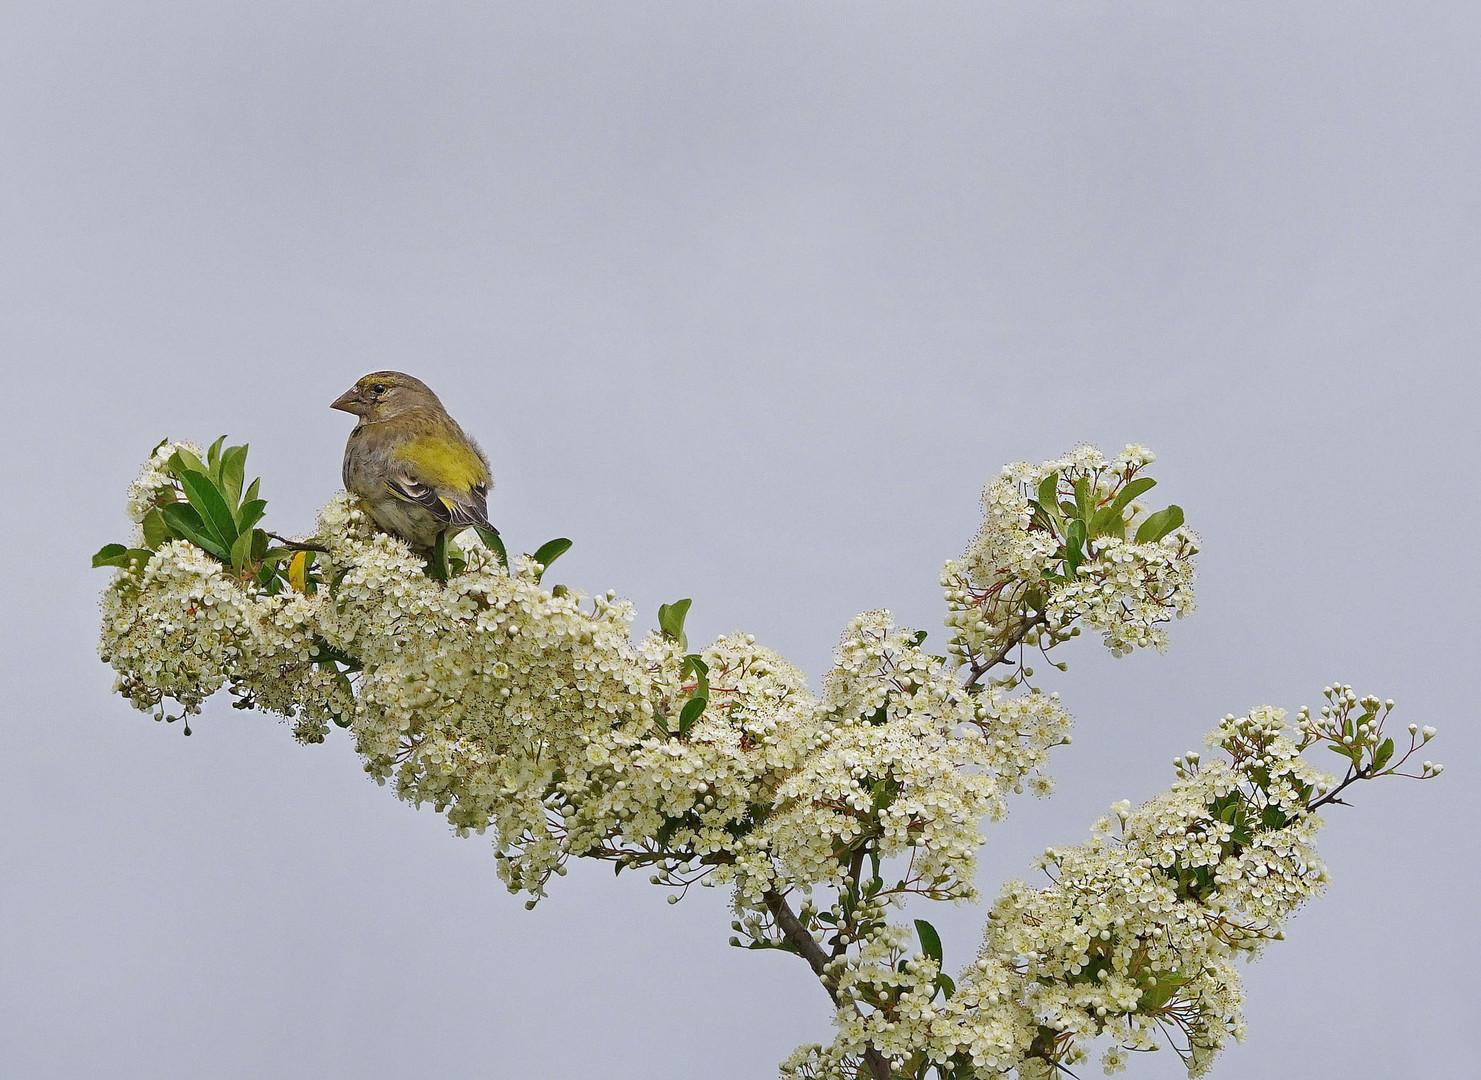 Sur la branche fleurie.... le verdier